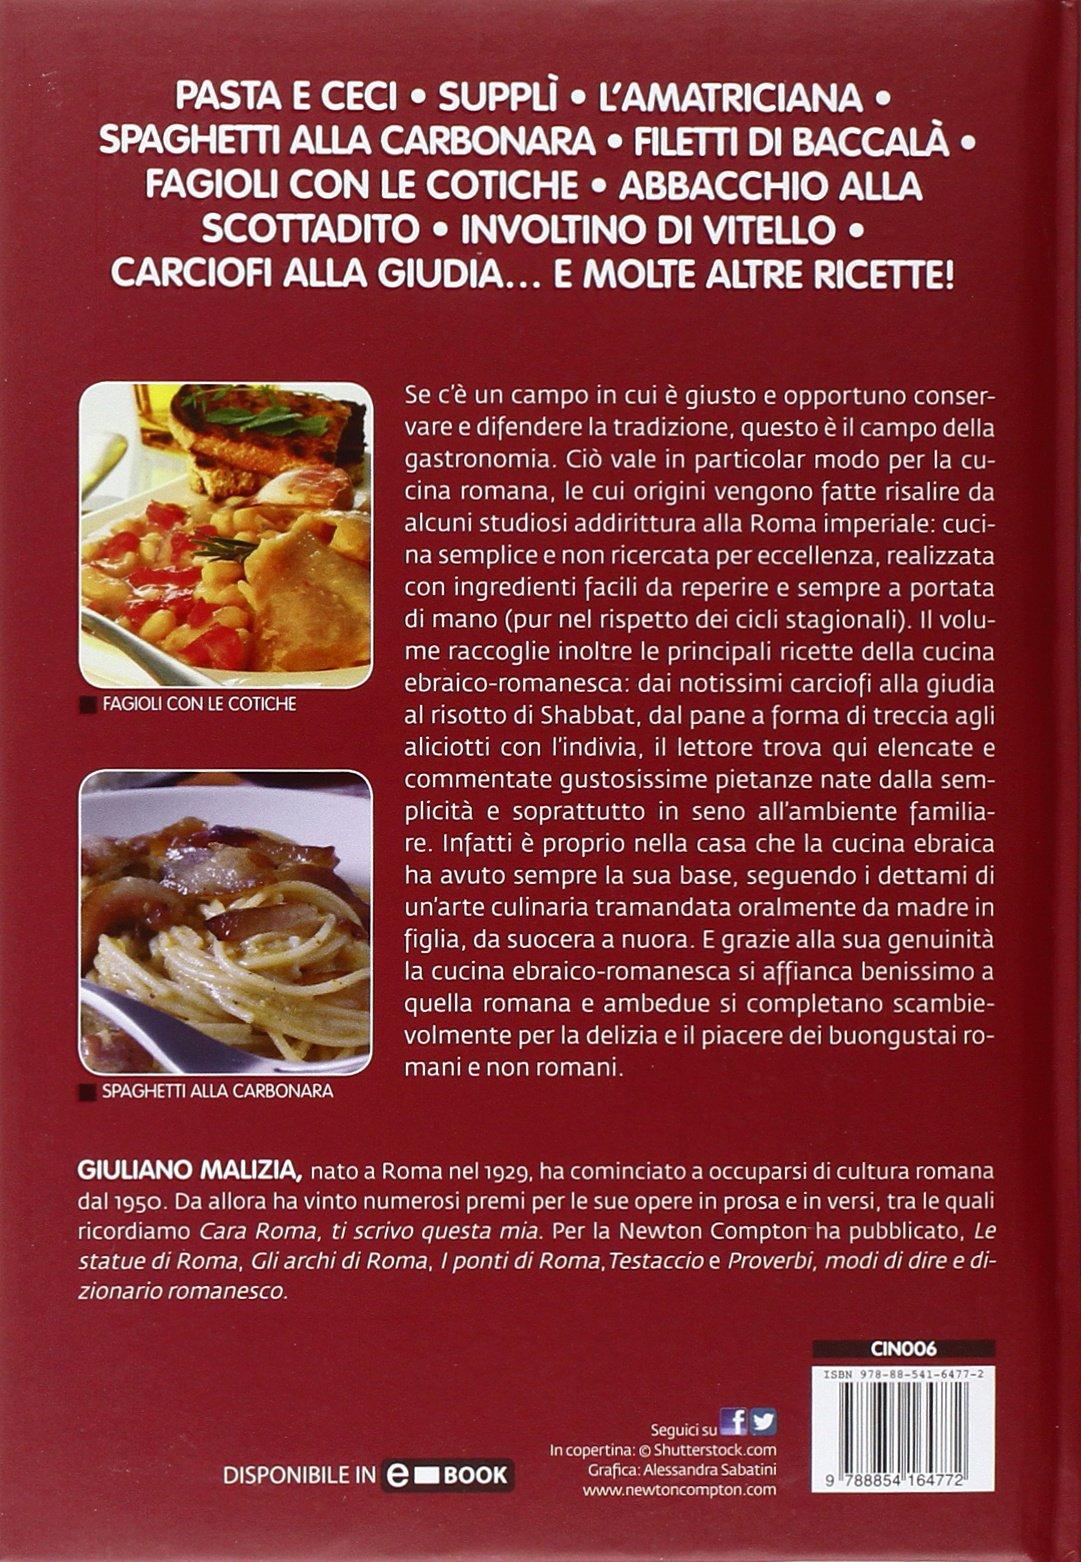 Disegno la cucina di eduardo : La cucina romana e ebraico romanesca in oltre 200 ricette: Amazon ...